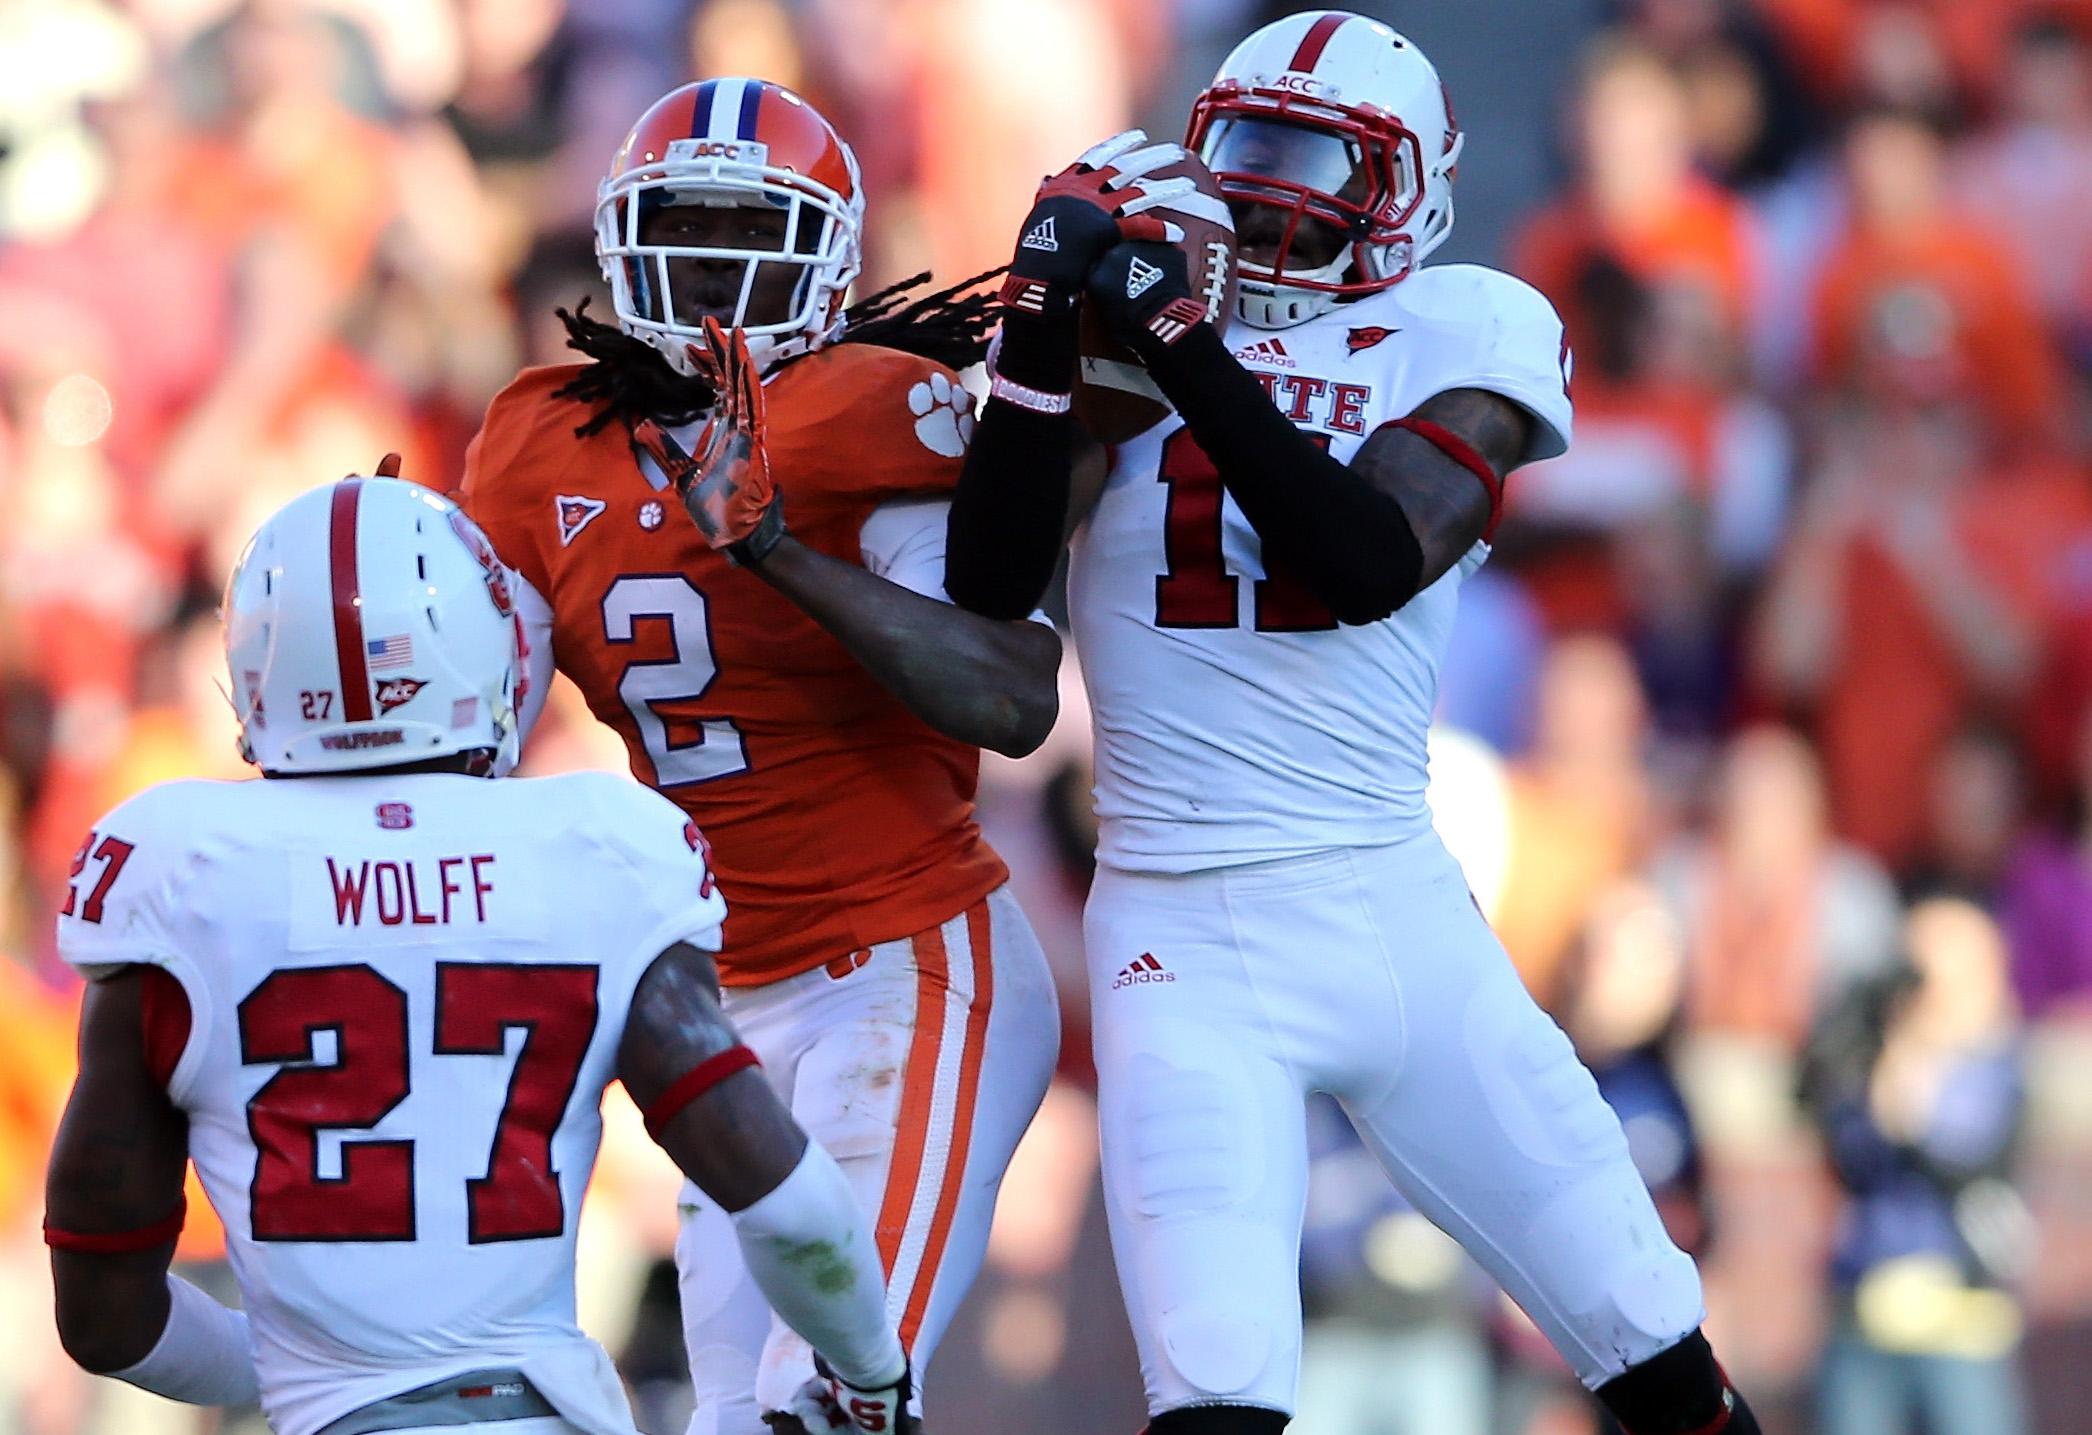 during their game at Memorial Stadium on November 17, 2012 in Clemson, South Carolina.